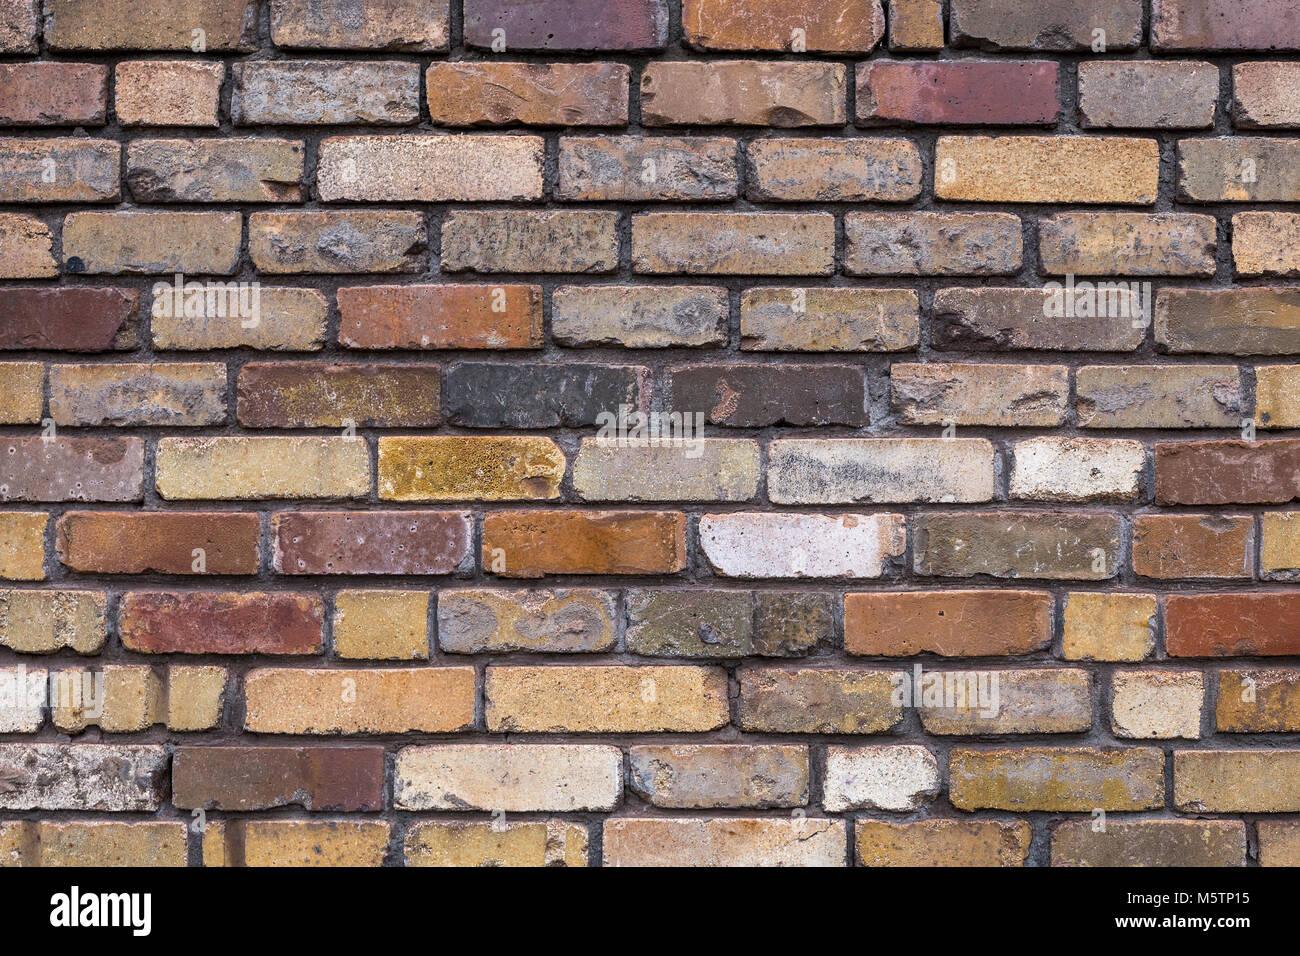 Brick Textur Bunte Wand Oder Boden Muster Vorlage Hintergrund Konzept With  Vorlage Fr Wand